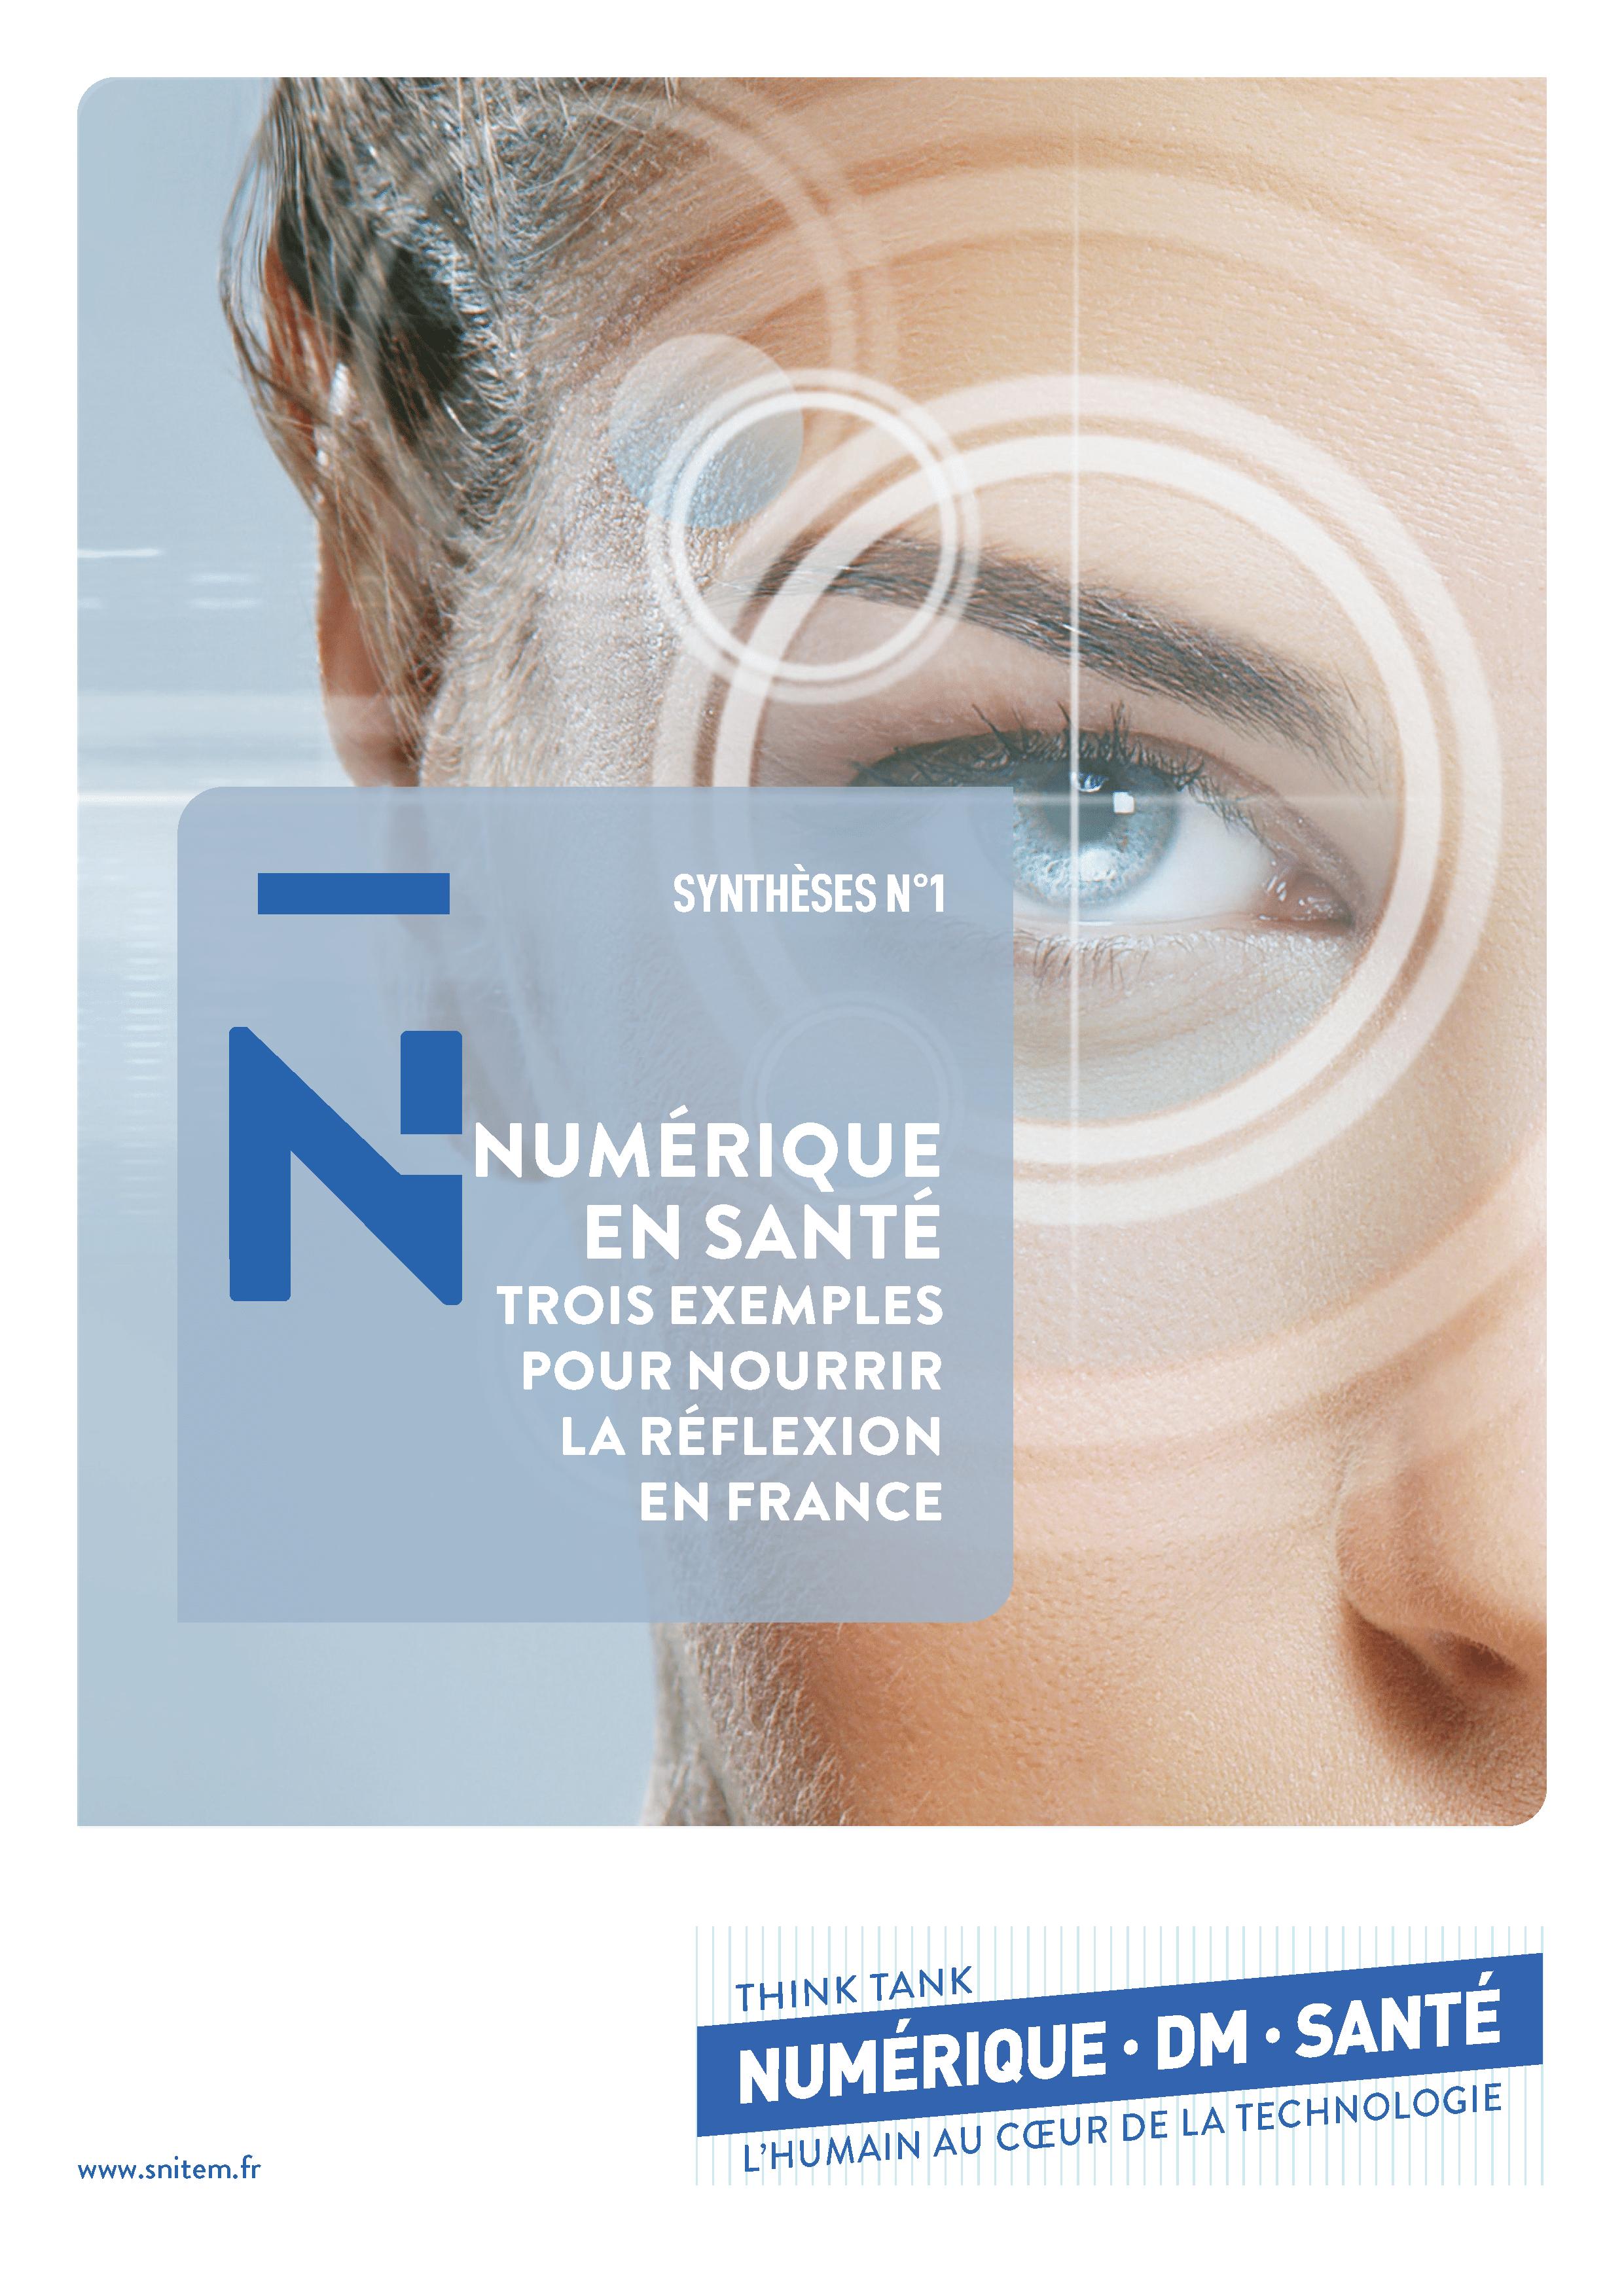 La synthèse des travaux du Think Tank Numérique, DM & Santé